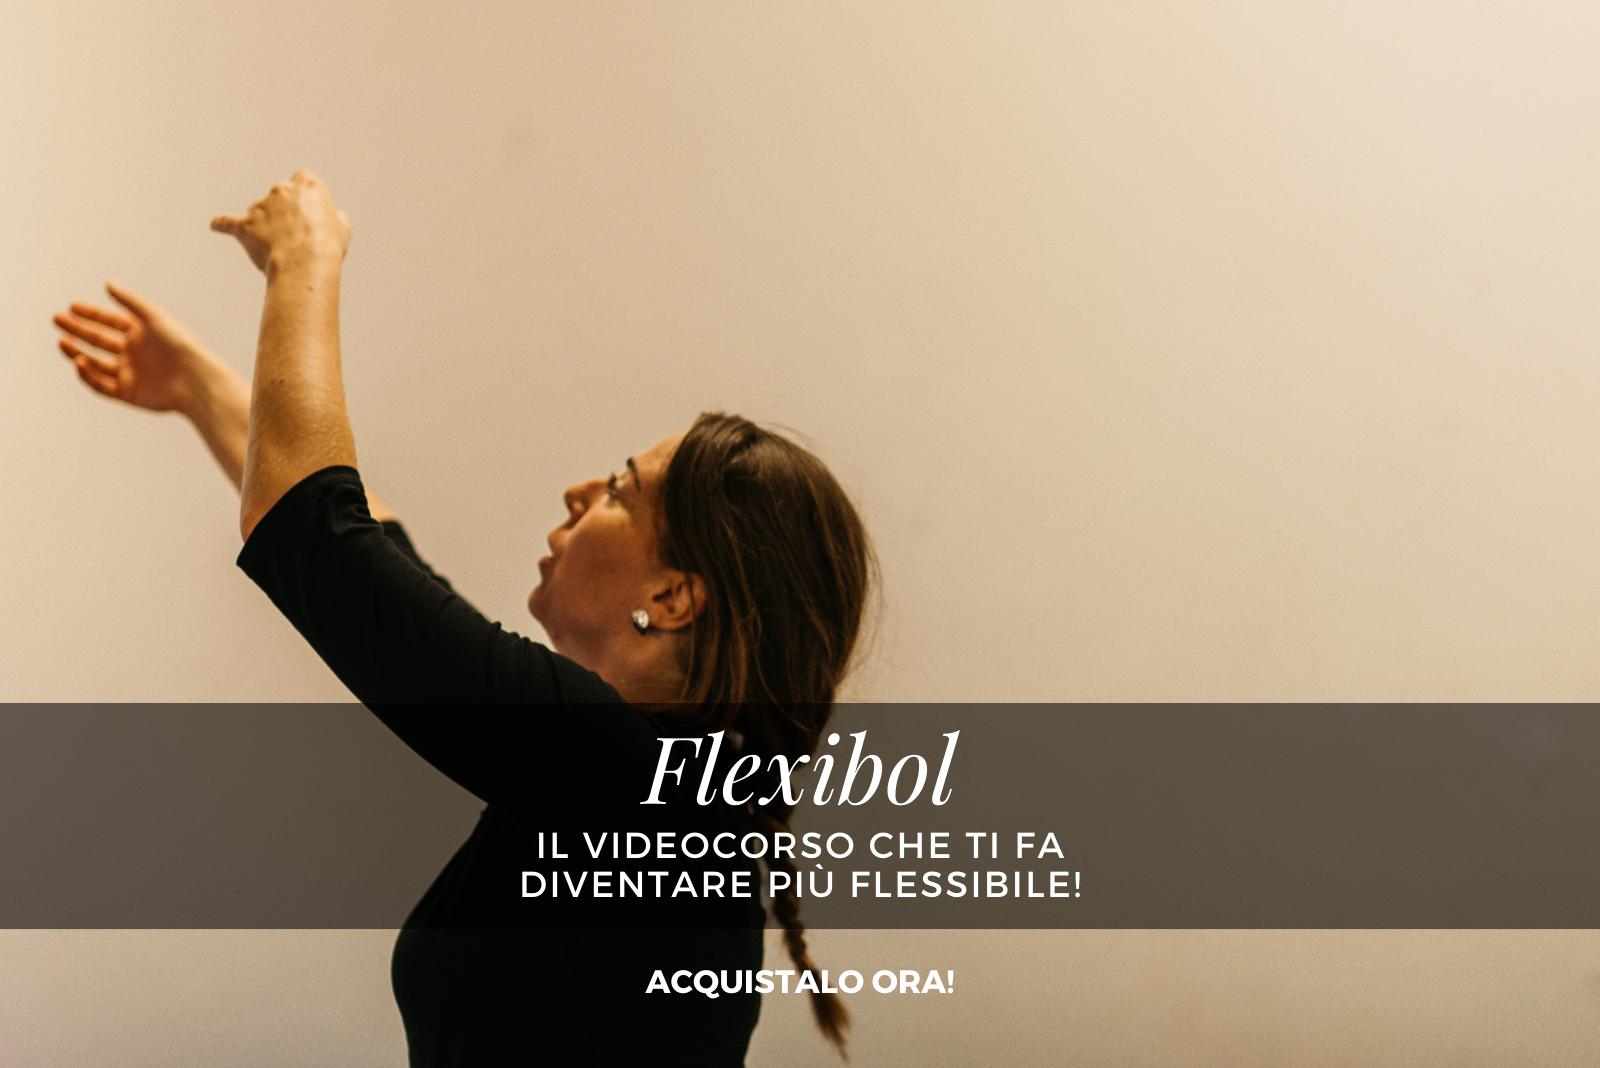 Flexibol